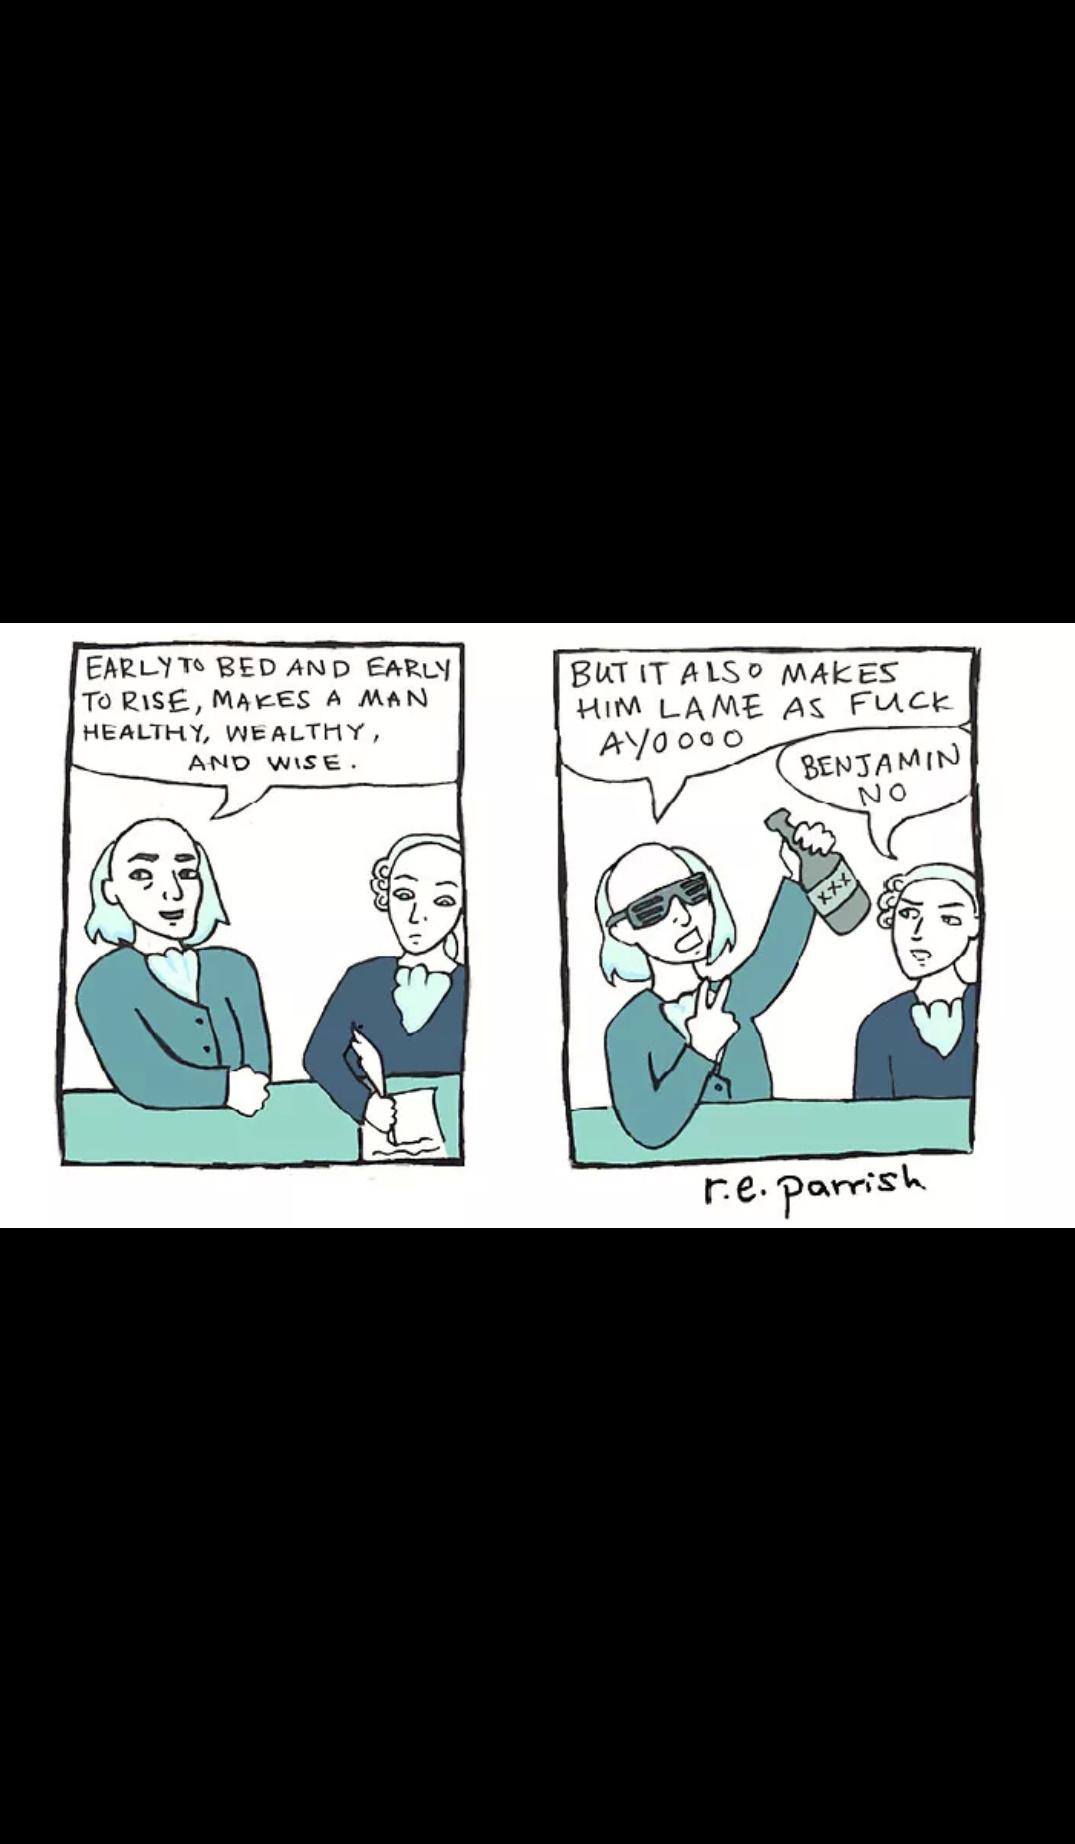 R. E. Parrish comics - meme